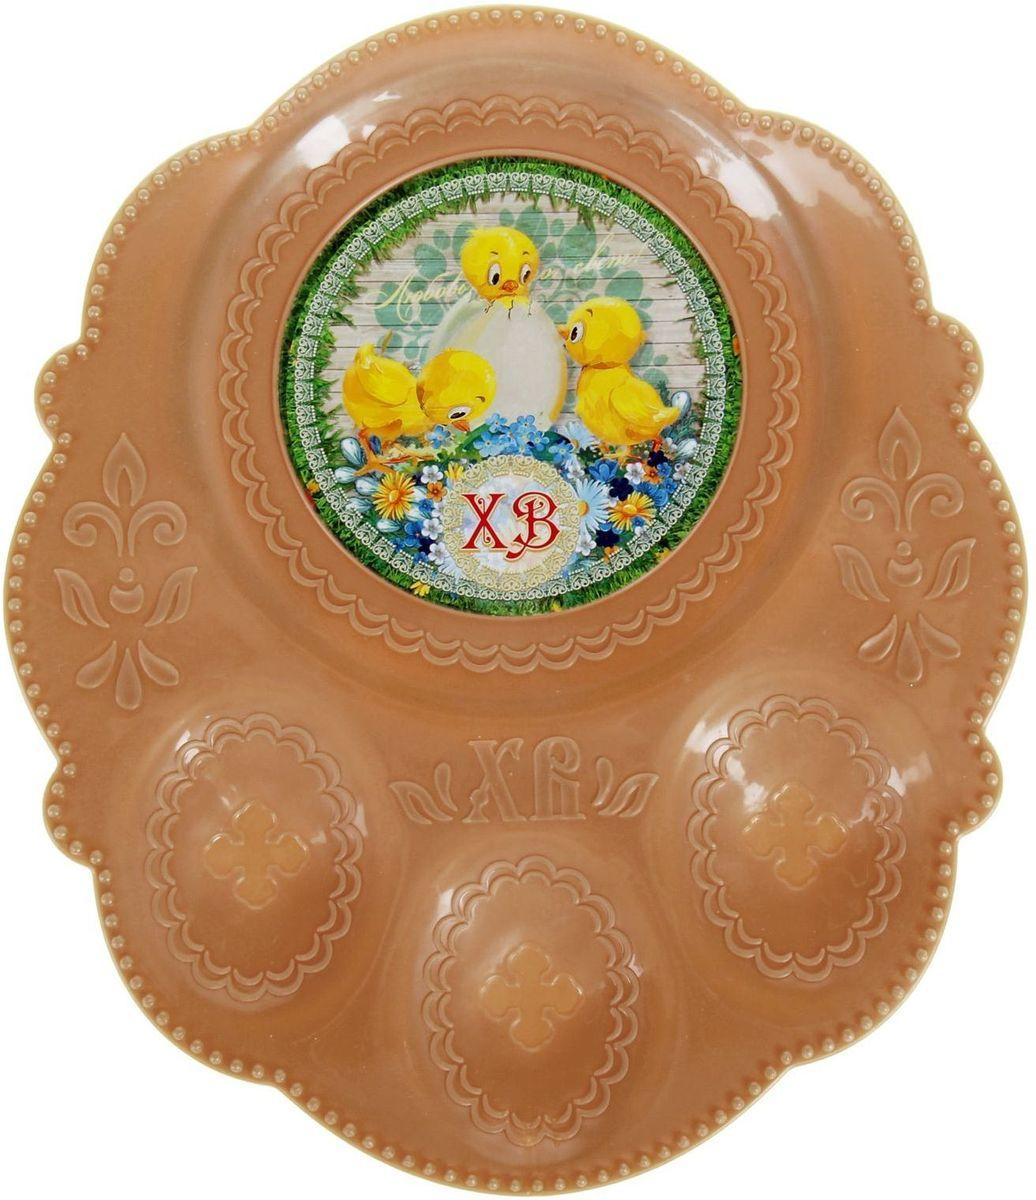 Подставка пасхальная Цыплята, на 3 яйца и кулич, 21 х 18 см. 10026011002601Пасхальная подставка для 3 яйц и кулича изготовлена из качественного пластика, в центре имеется яркая вставка. Аксессуар станет достойным украшением праздничного стола, создаст радостное настроение и наполнит пространство вашего дома благостной энергией на весь год вперёд.Подставка будет ценным памятным подарком для родных, друзей и коллег.Радости, добра и света вам и вашим близким!